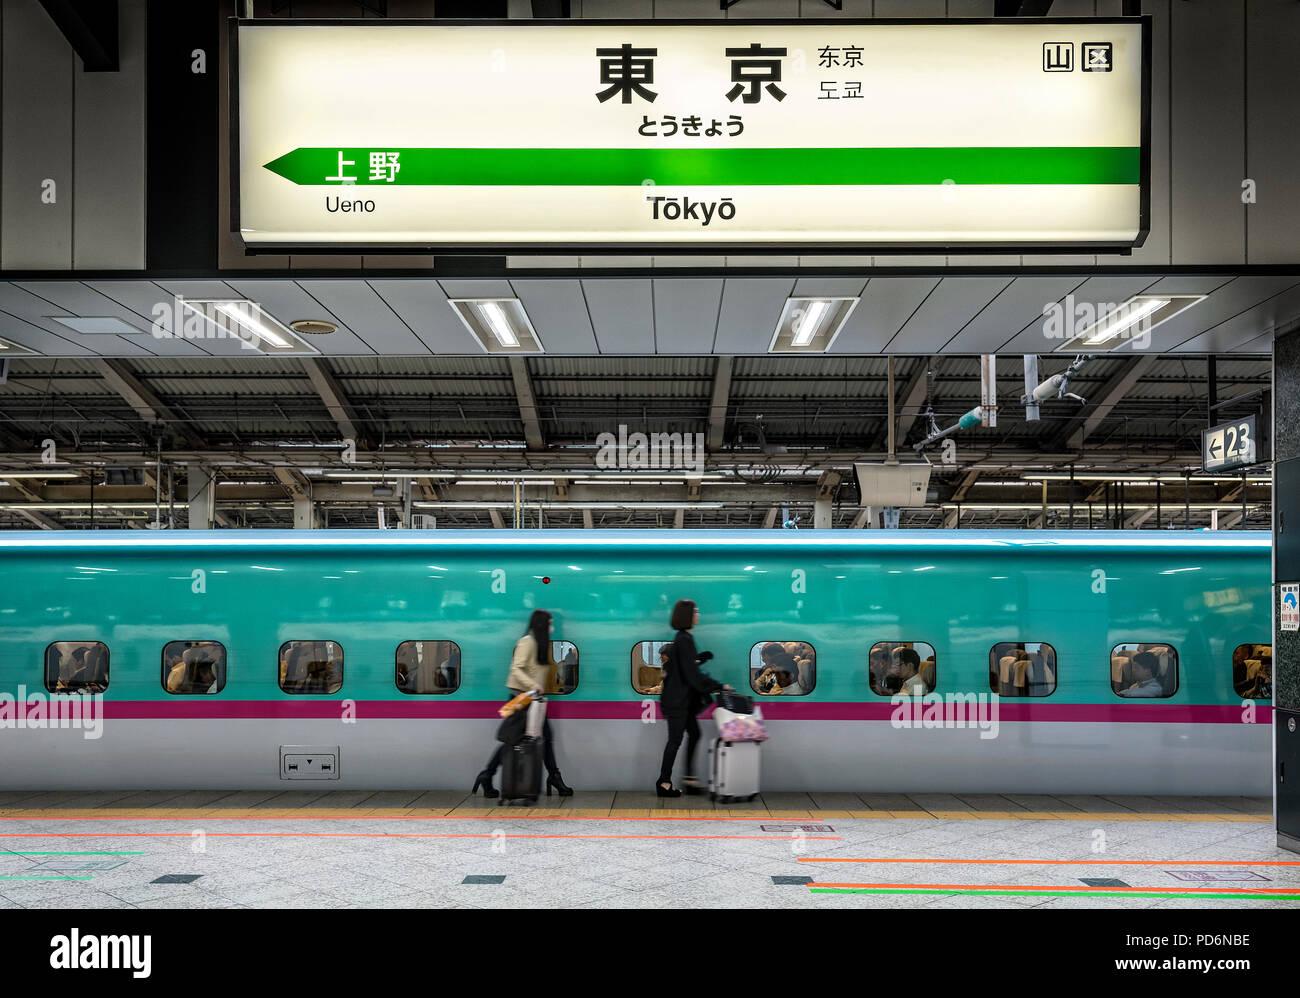 La isla de Japón, Honshu, Kanto, Tokio, en la estación central de tren de Tokio, el tren rápido, el Shinkansen. Foto de stock